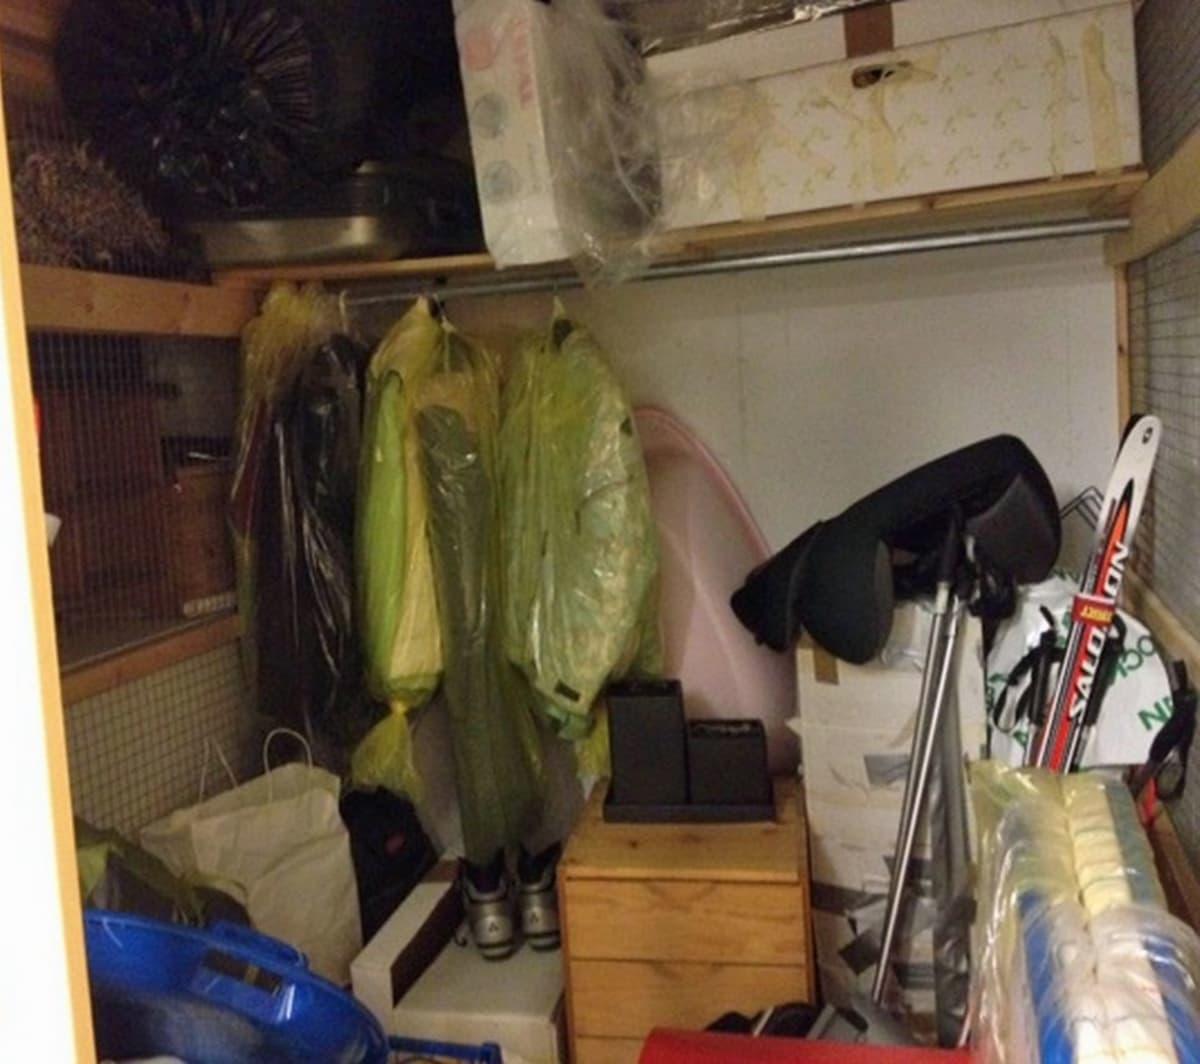 Sekalaista tavaraa kerrostalon varastokopissa